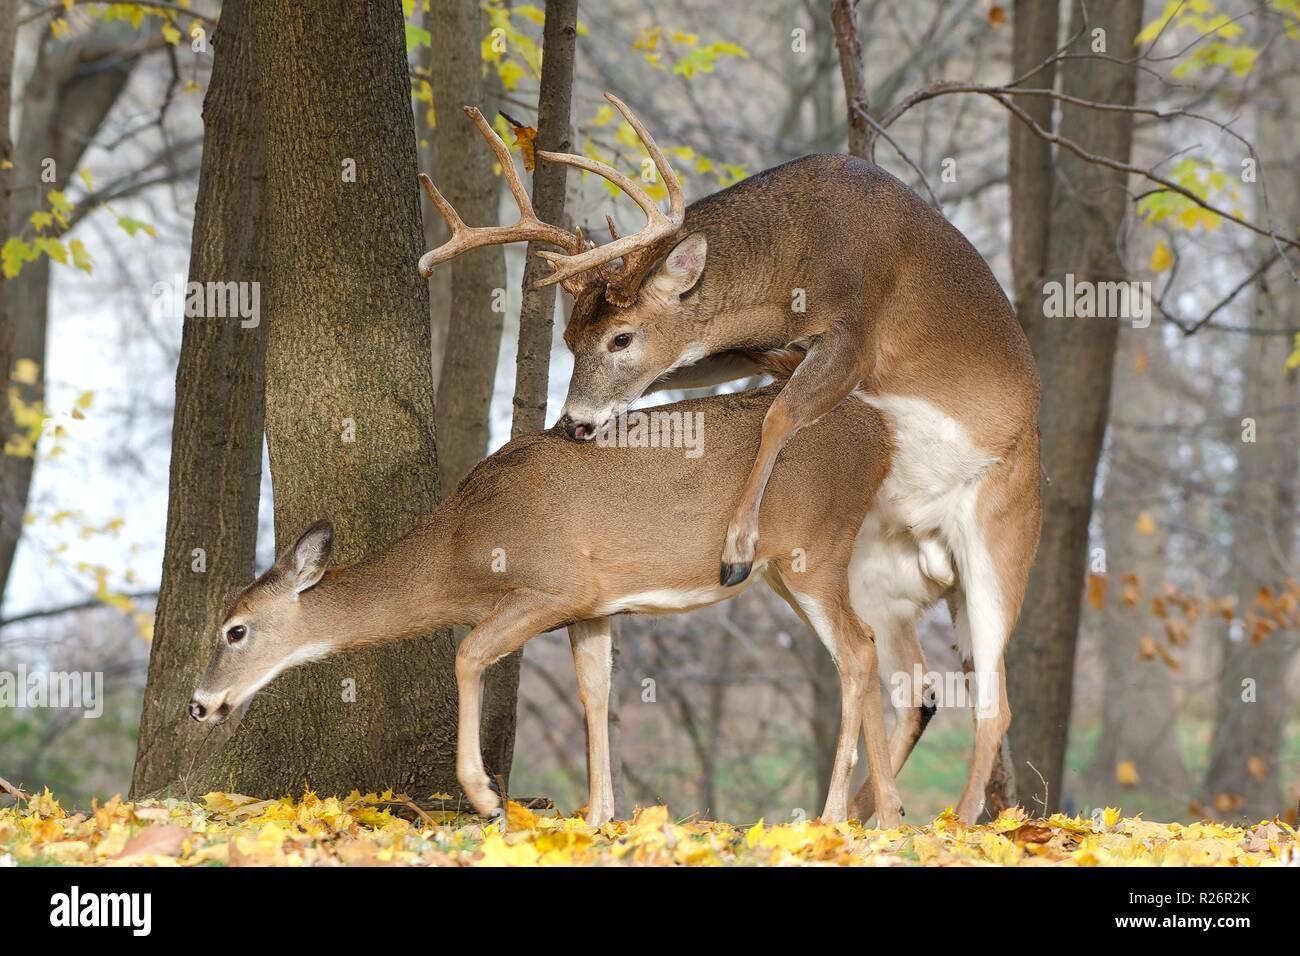 Whitetail deer rut - Stock Image